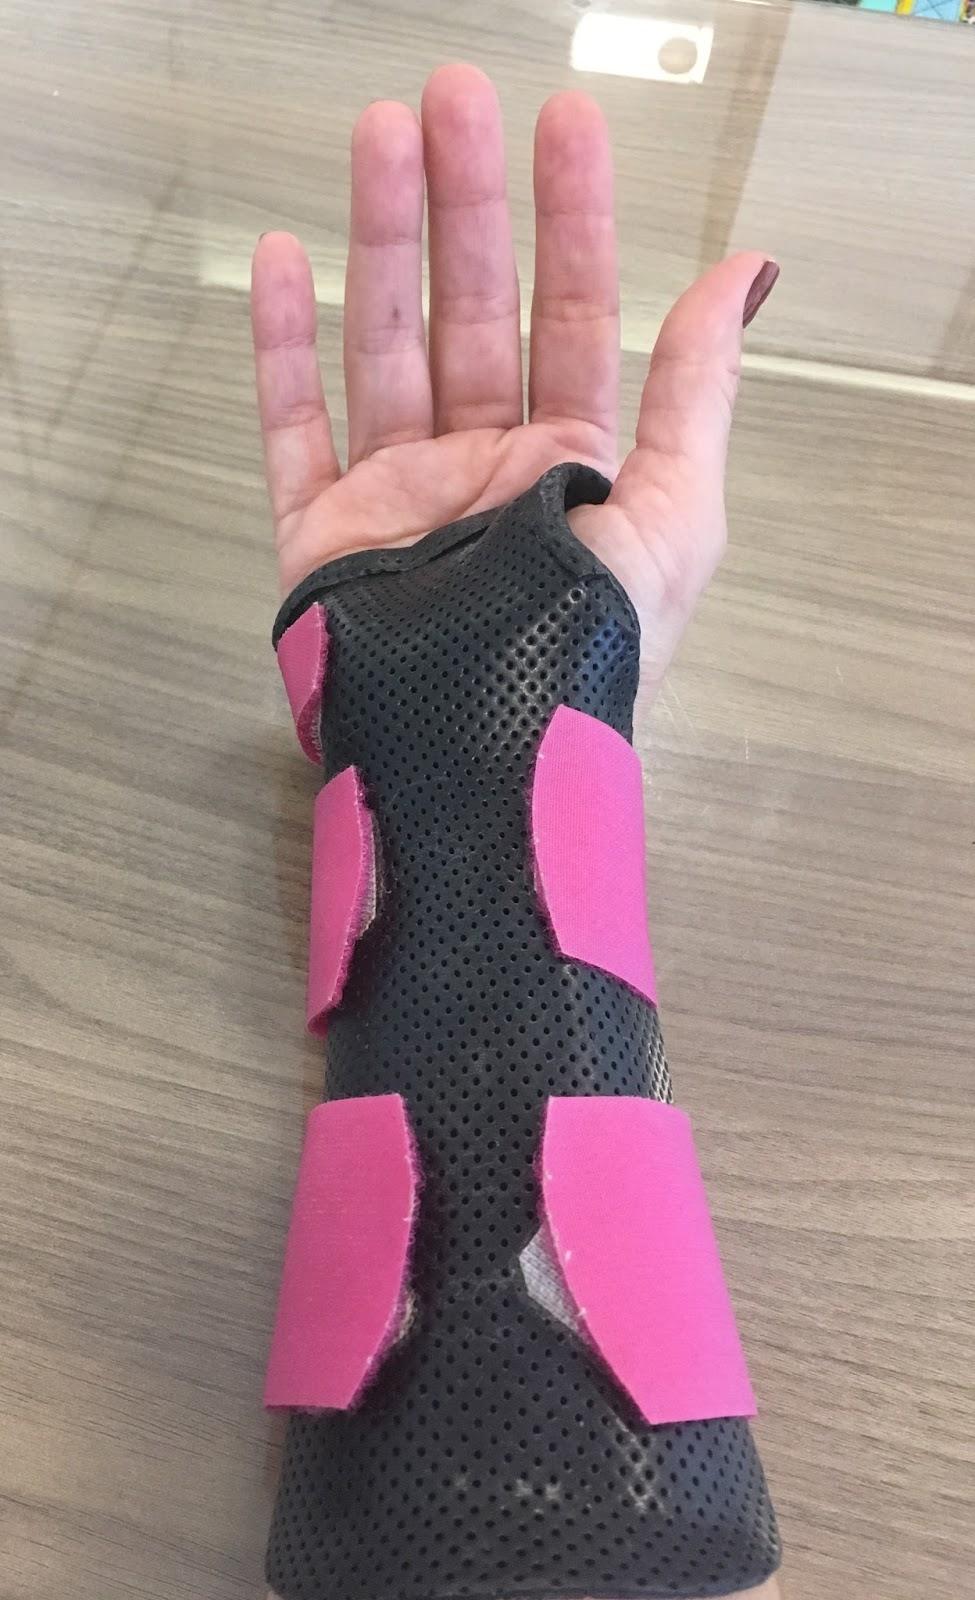 como parar a dor no pulso durante flexões